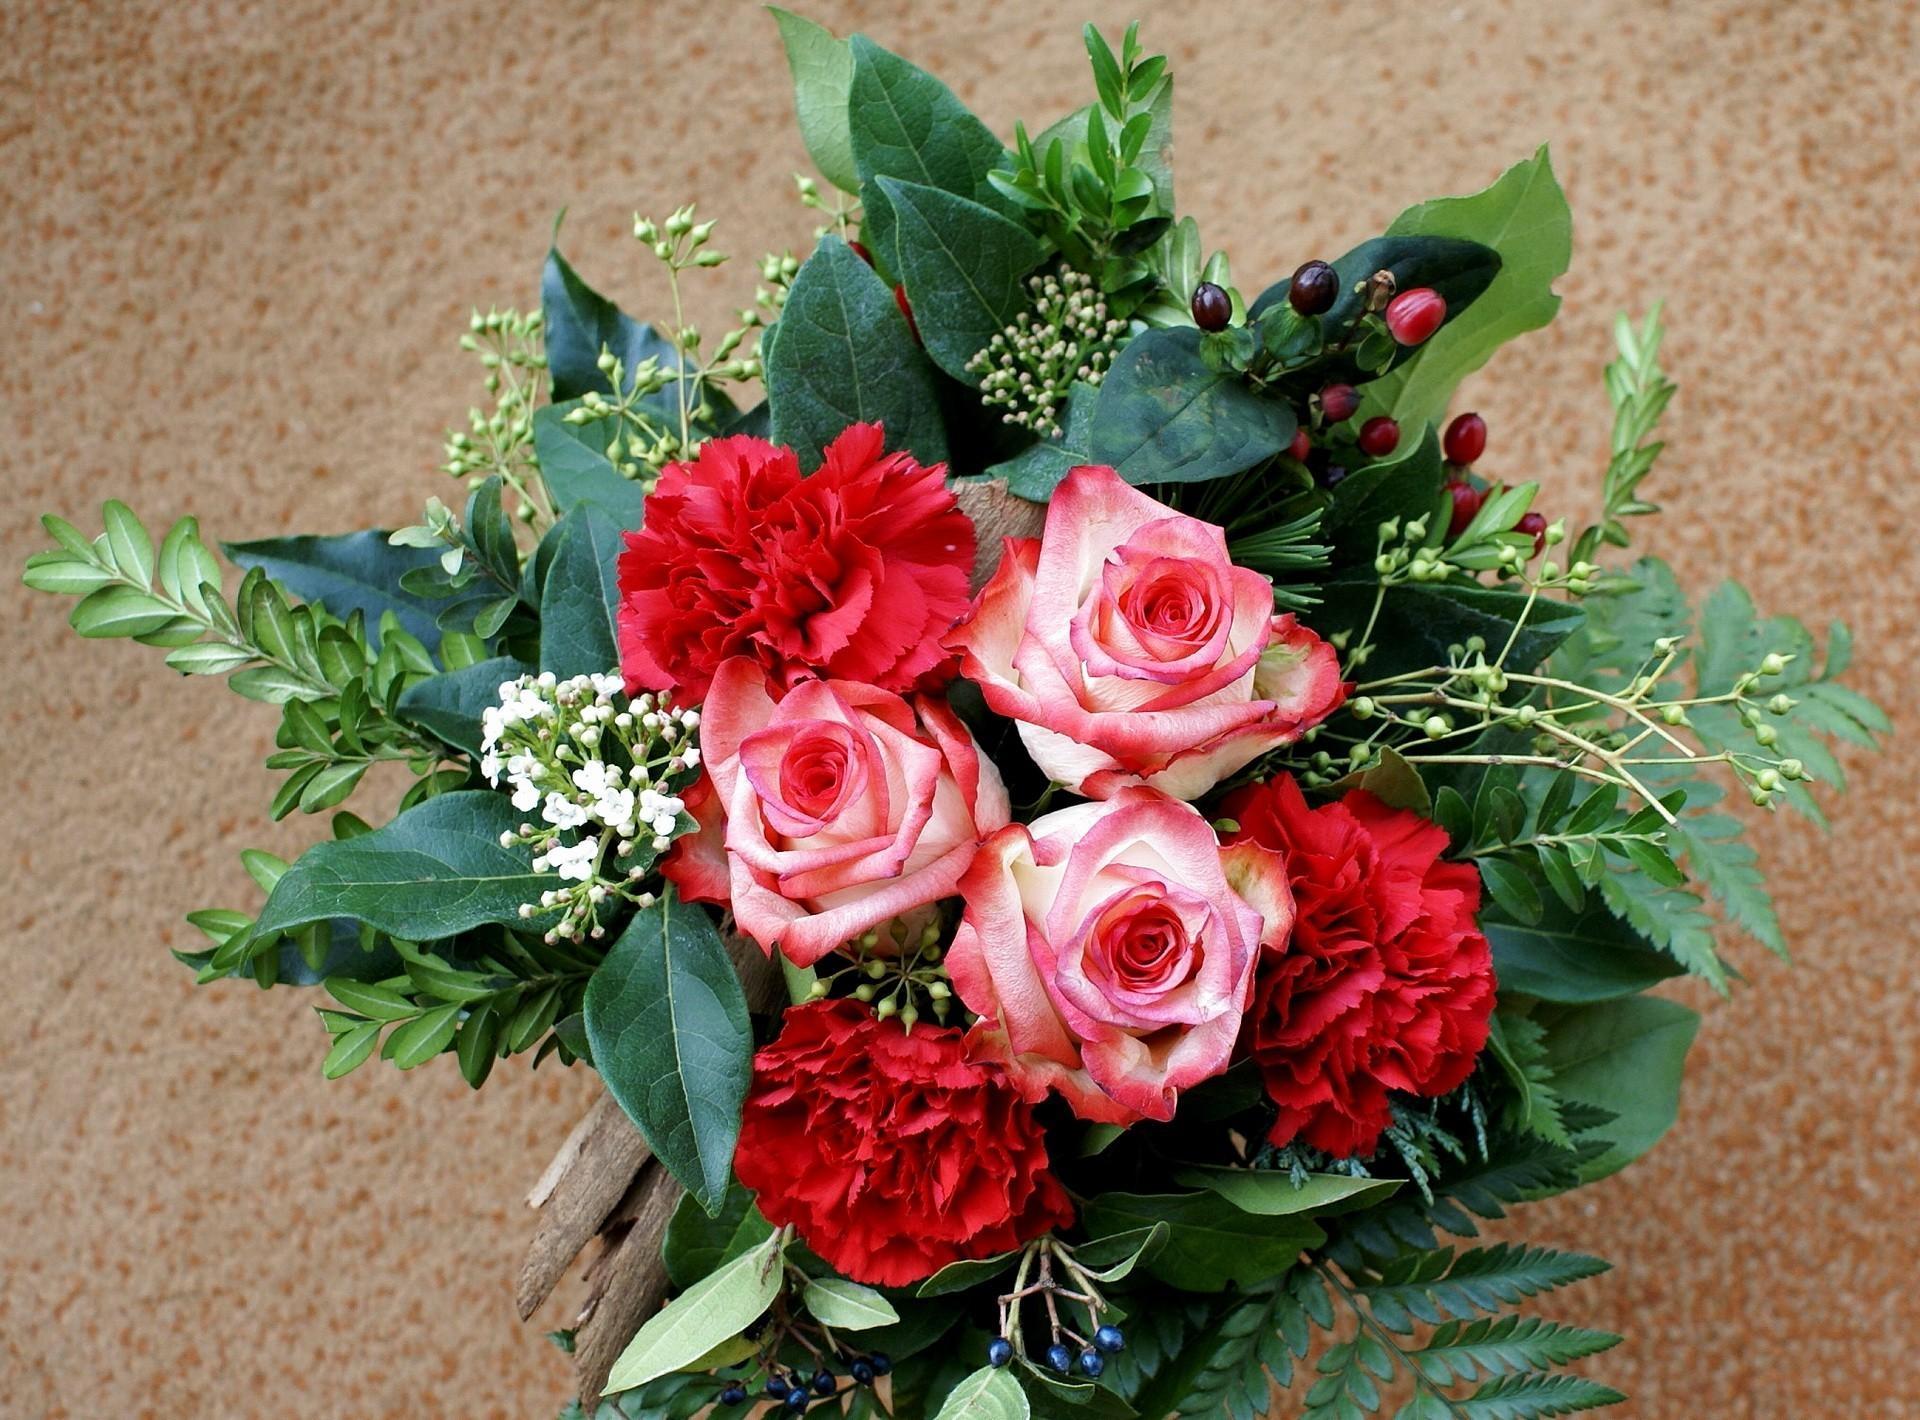 141218 скачать обои Гвоздики, Цветы, Розы, Листья, Зелень, Букет, Композиция - заставки и картинки бесплатно